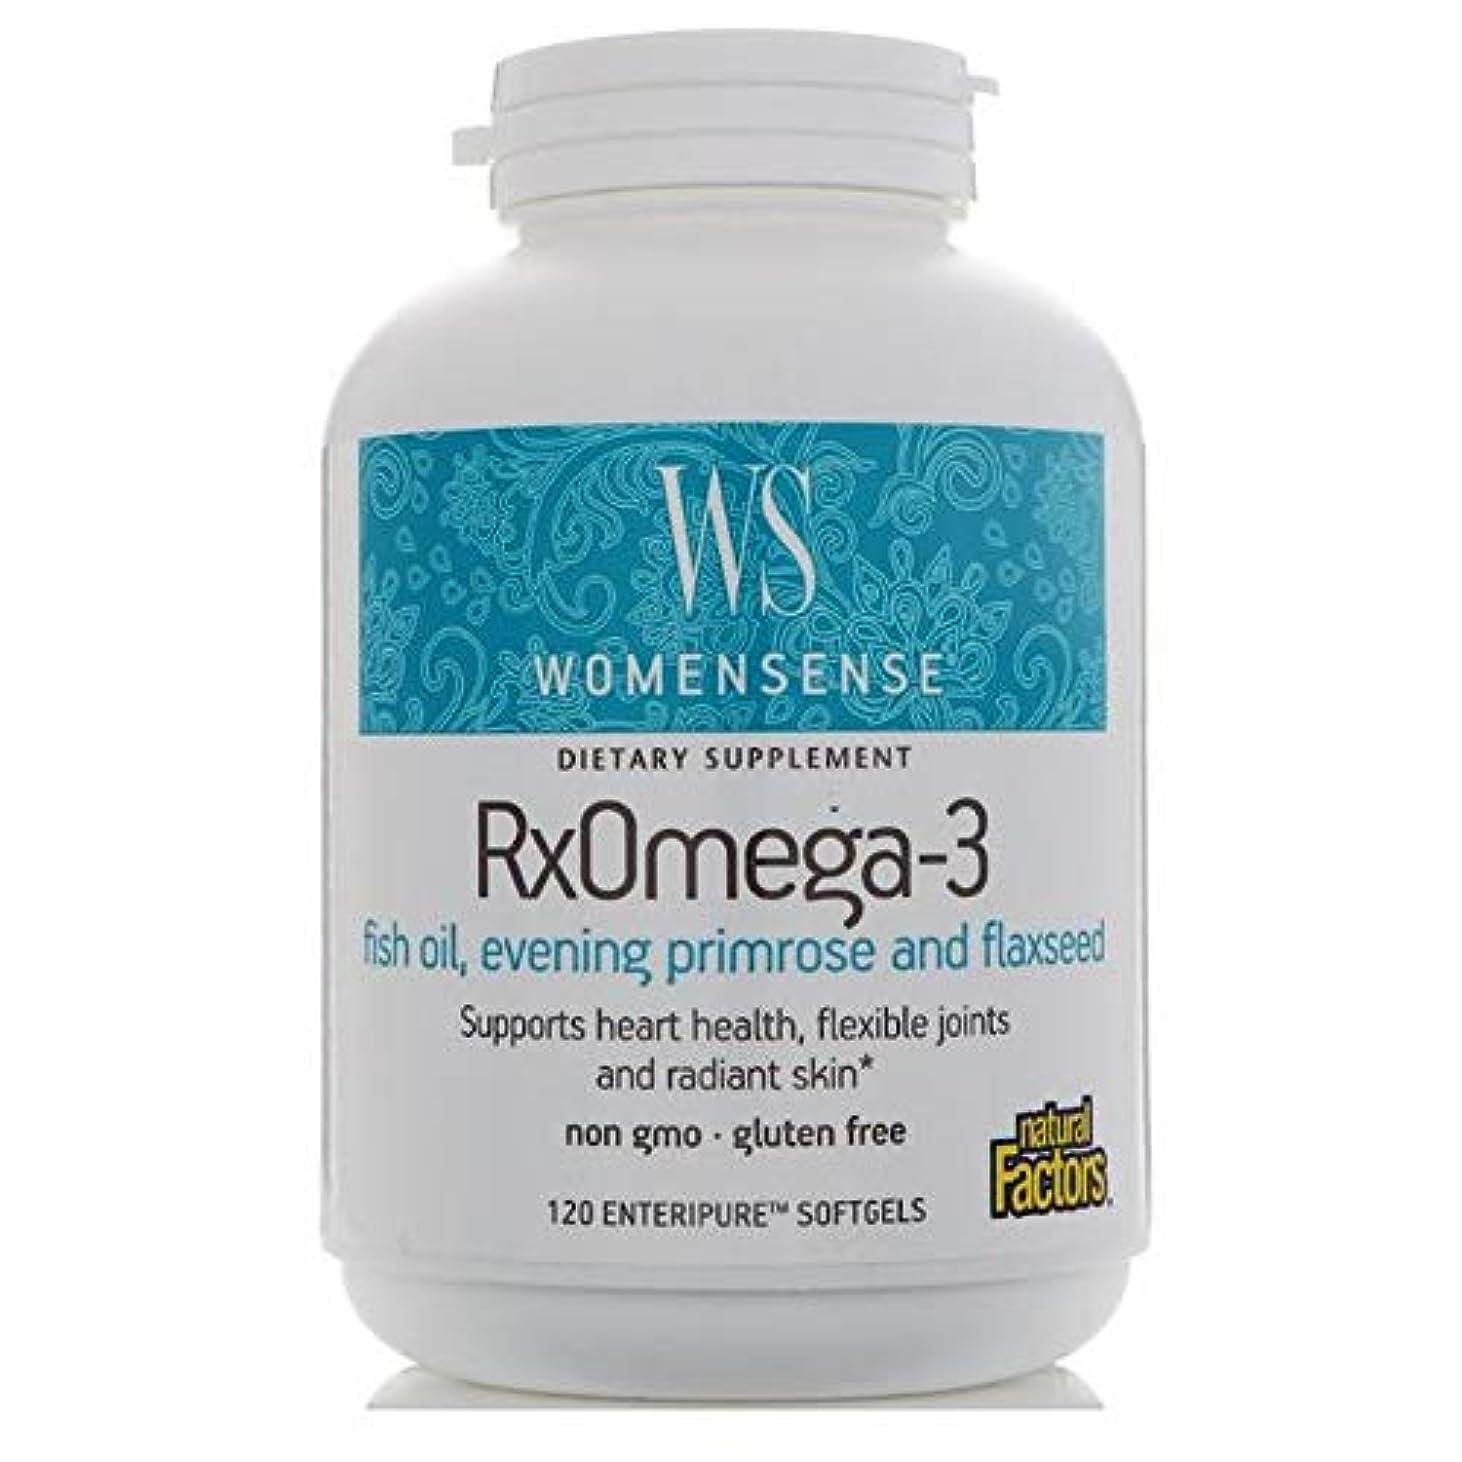 優越骨髄細部Natural Factors Women Sense Rx オメガ 3 120 Enteripure ソフトジ ェル 【アメリカ直送】